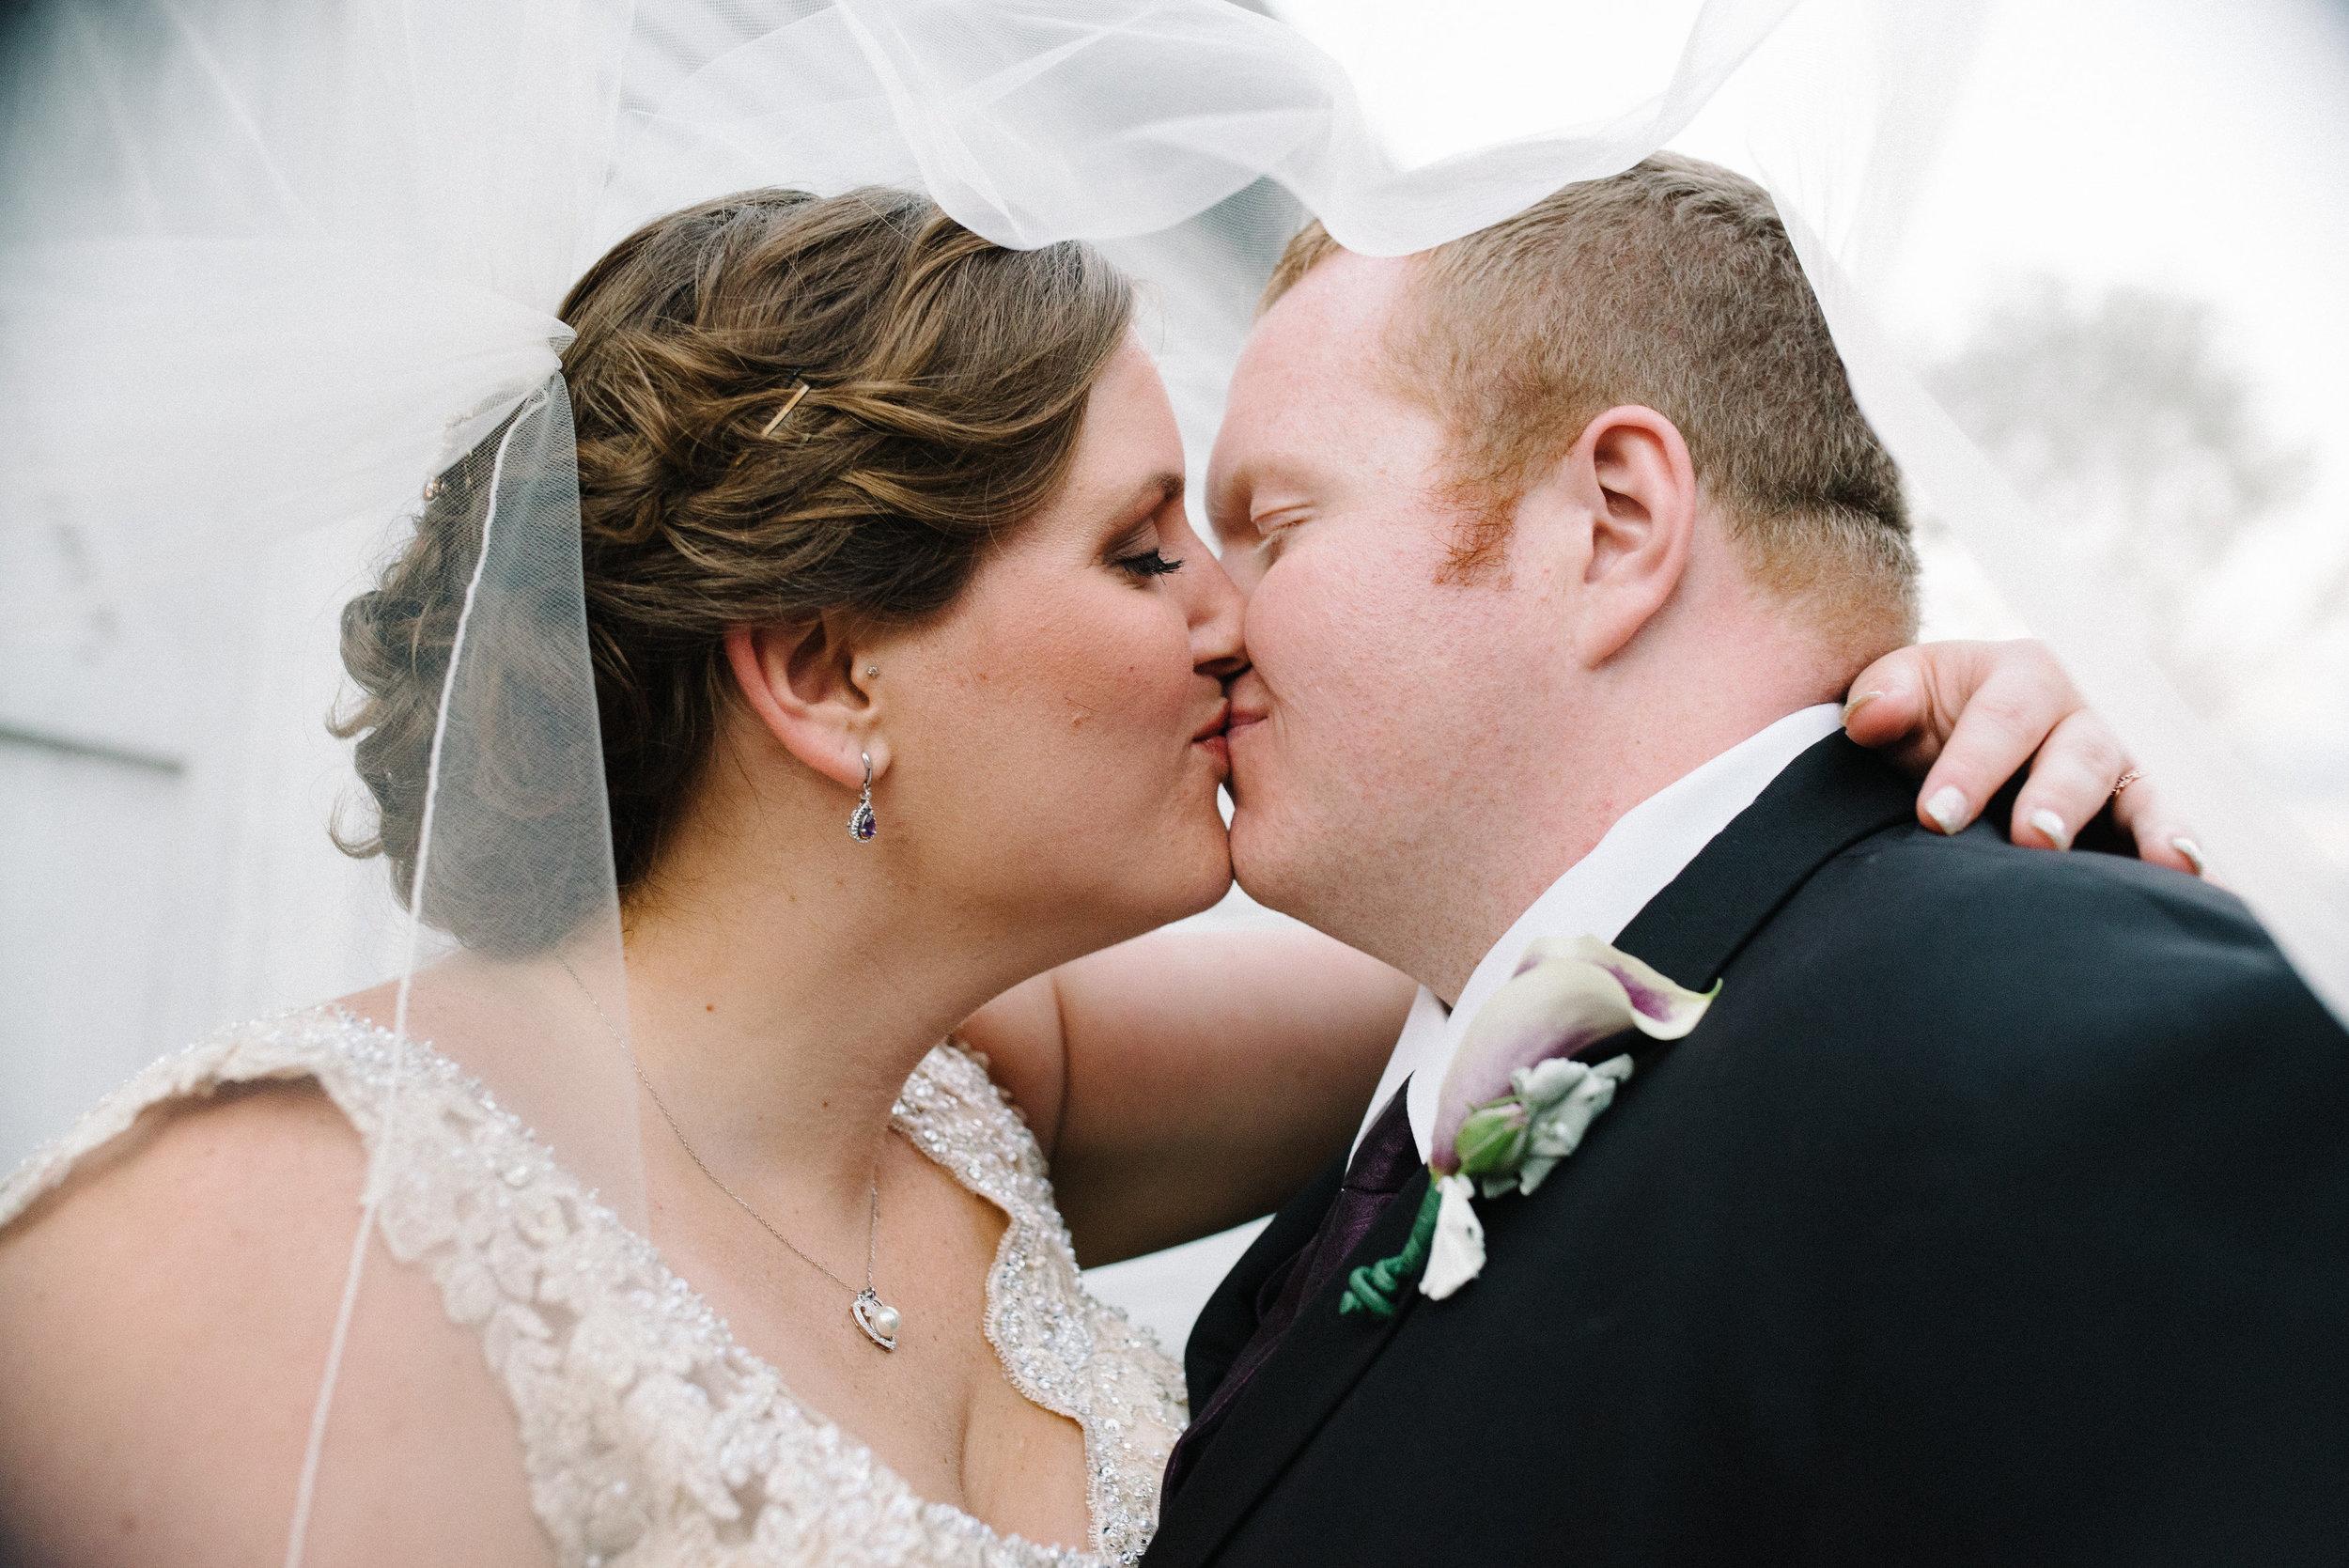 bride-and-groom-kiss.jpg